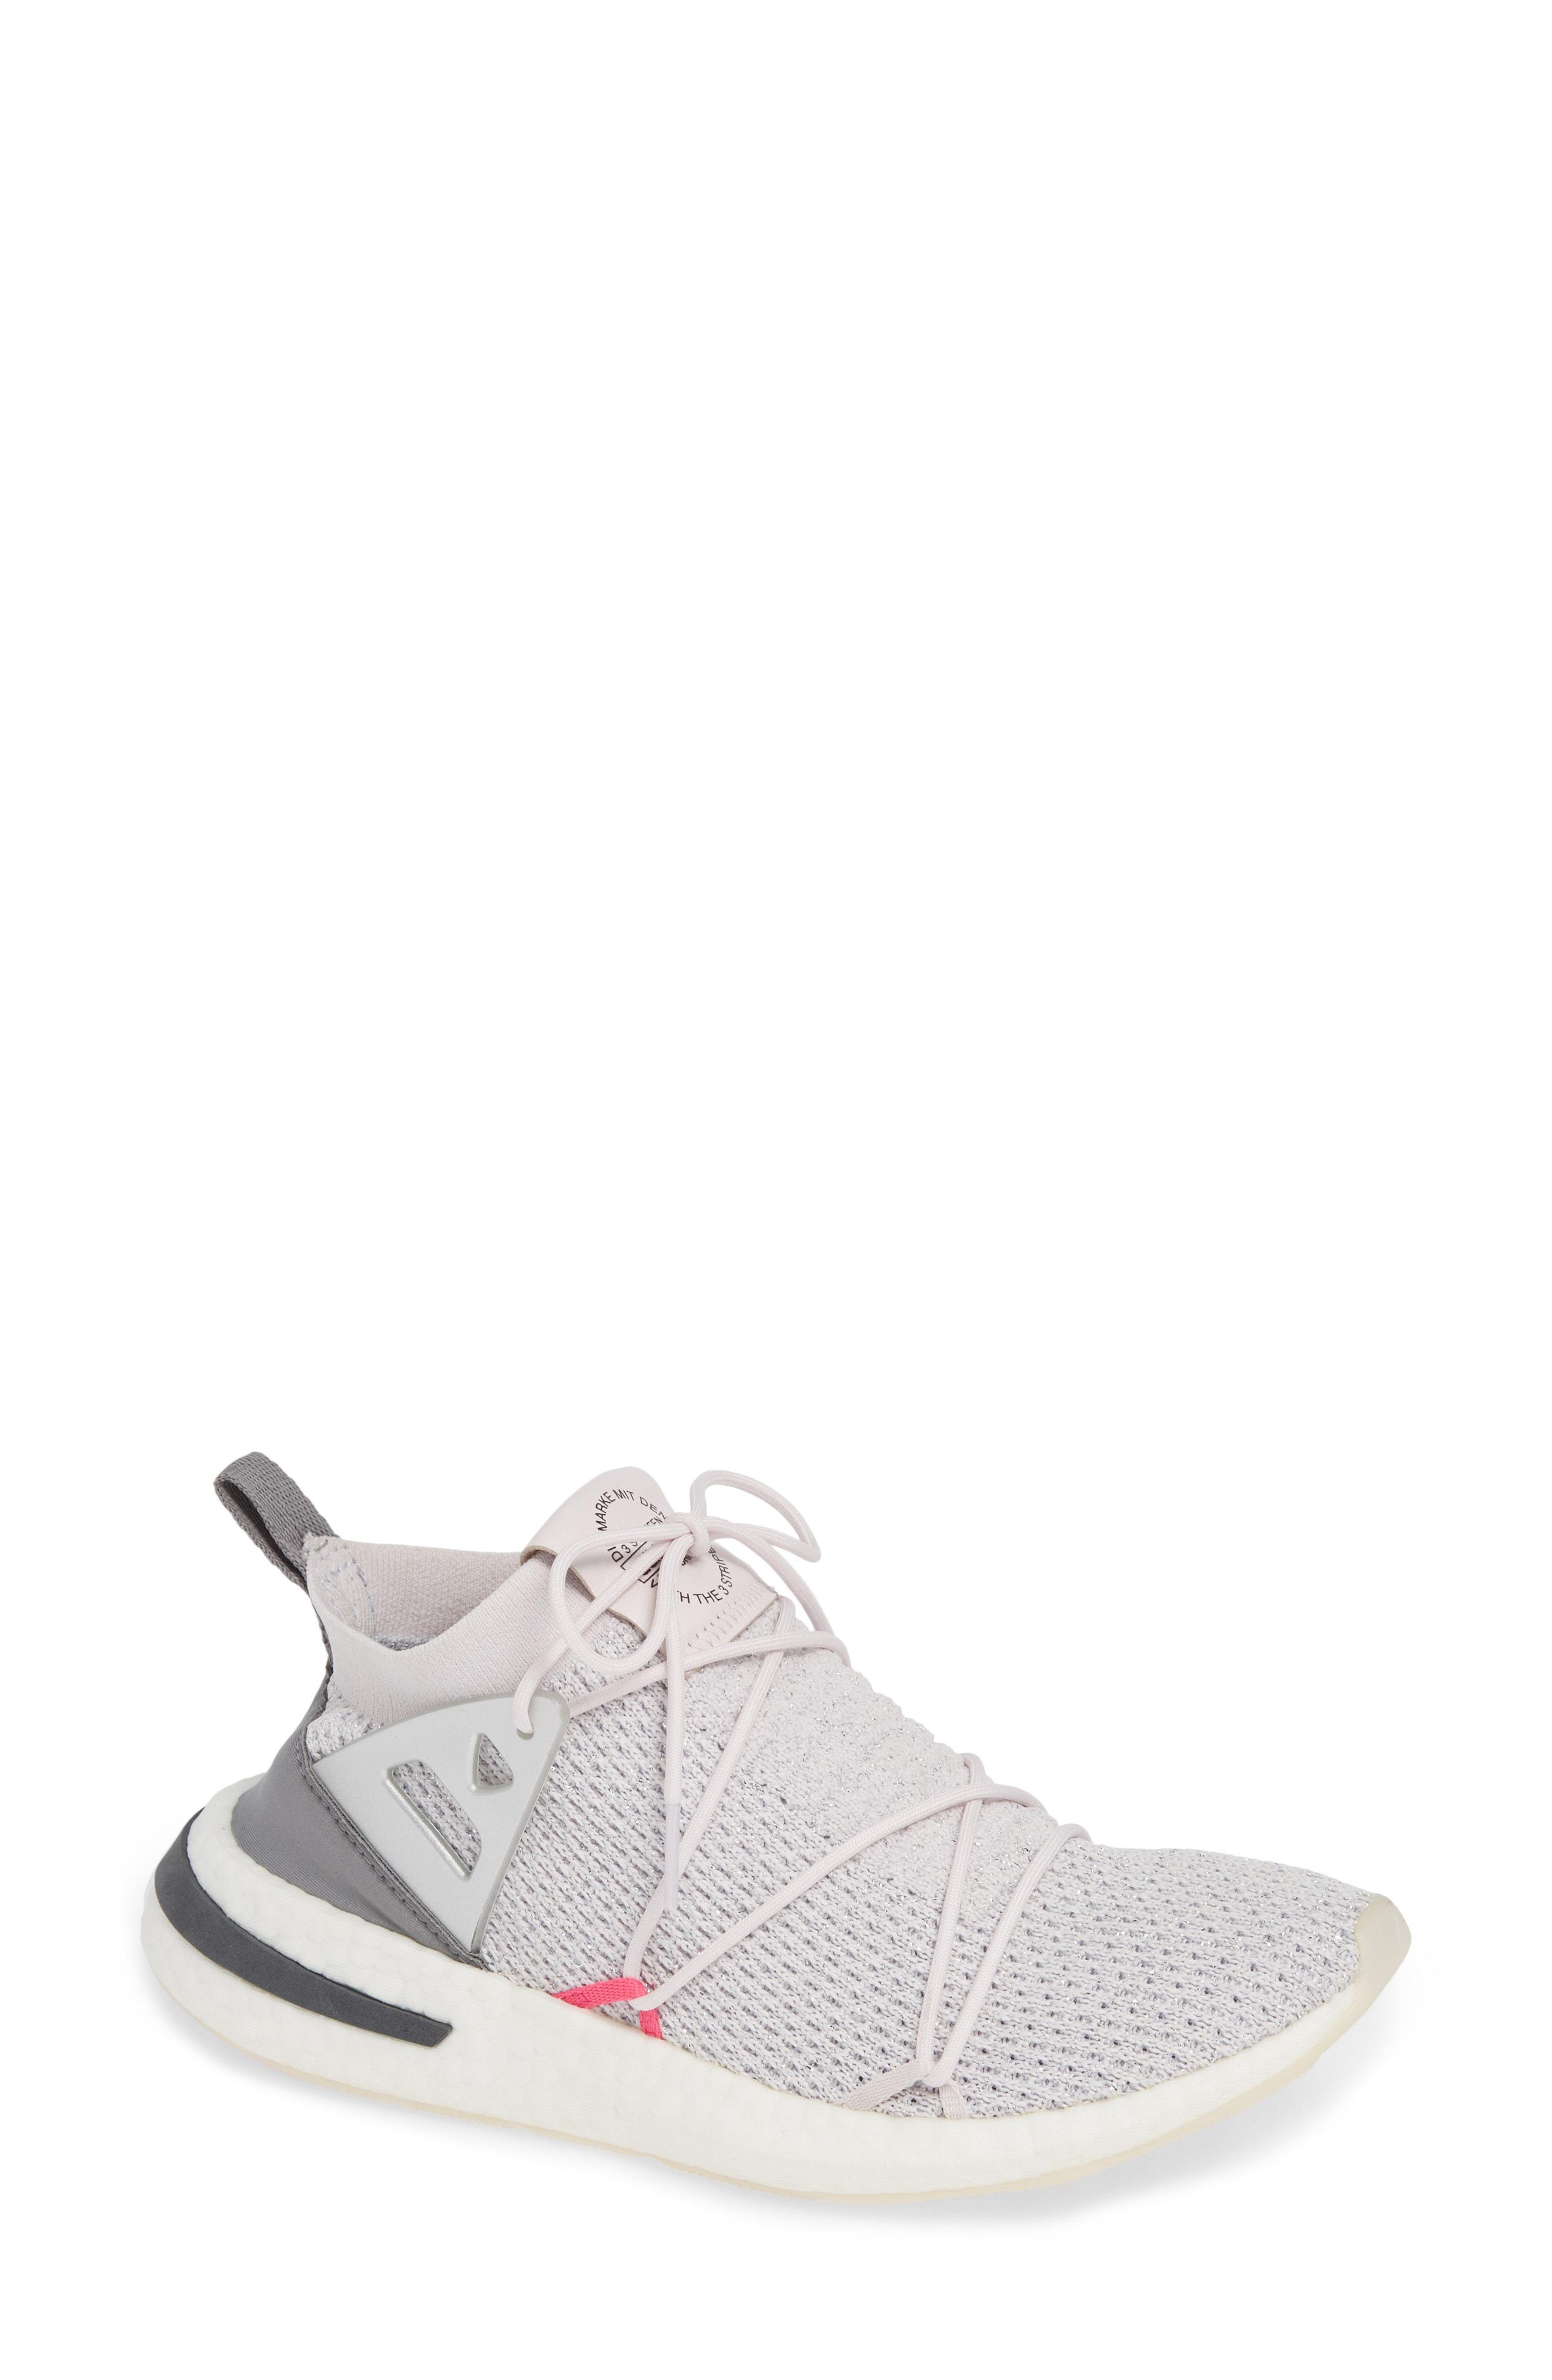 e86d1f06632 Lyst - adidas Arkyn Primeknit Sneaker in Gray